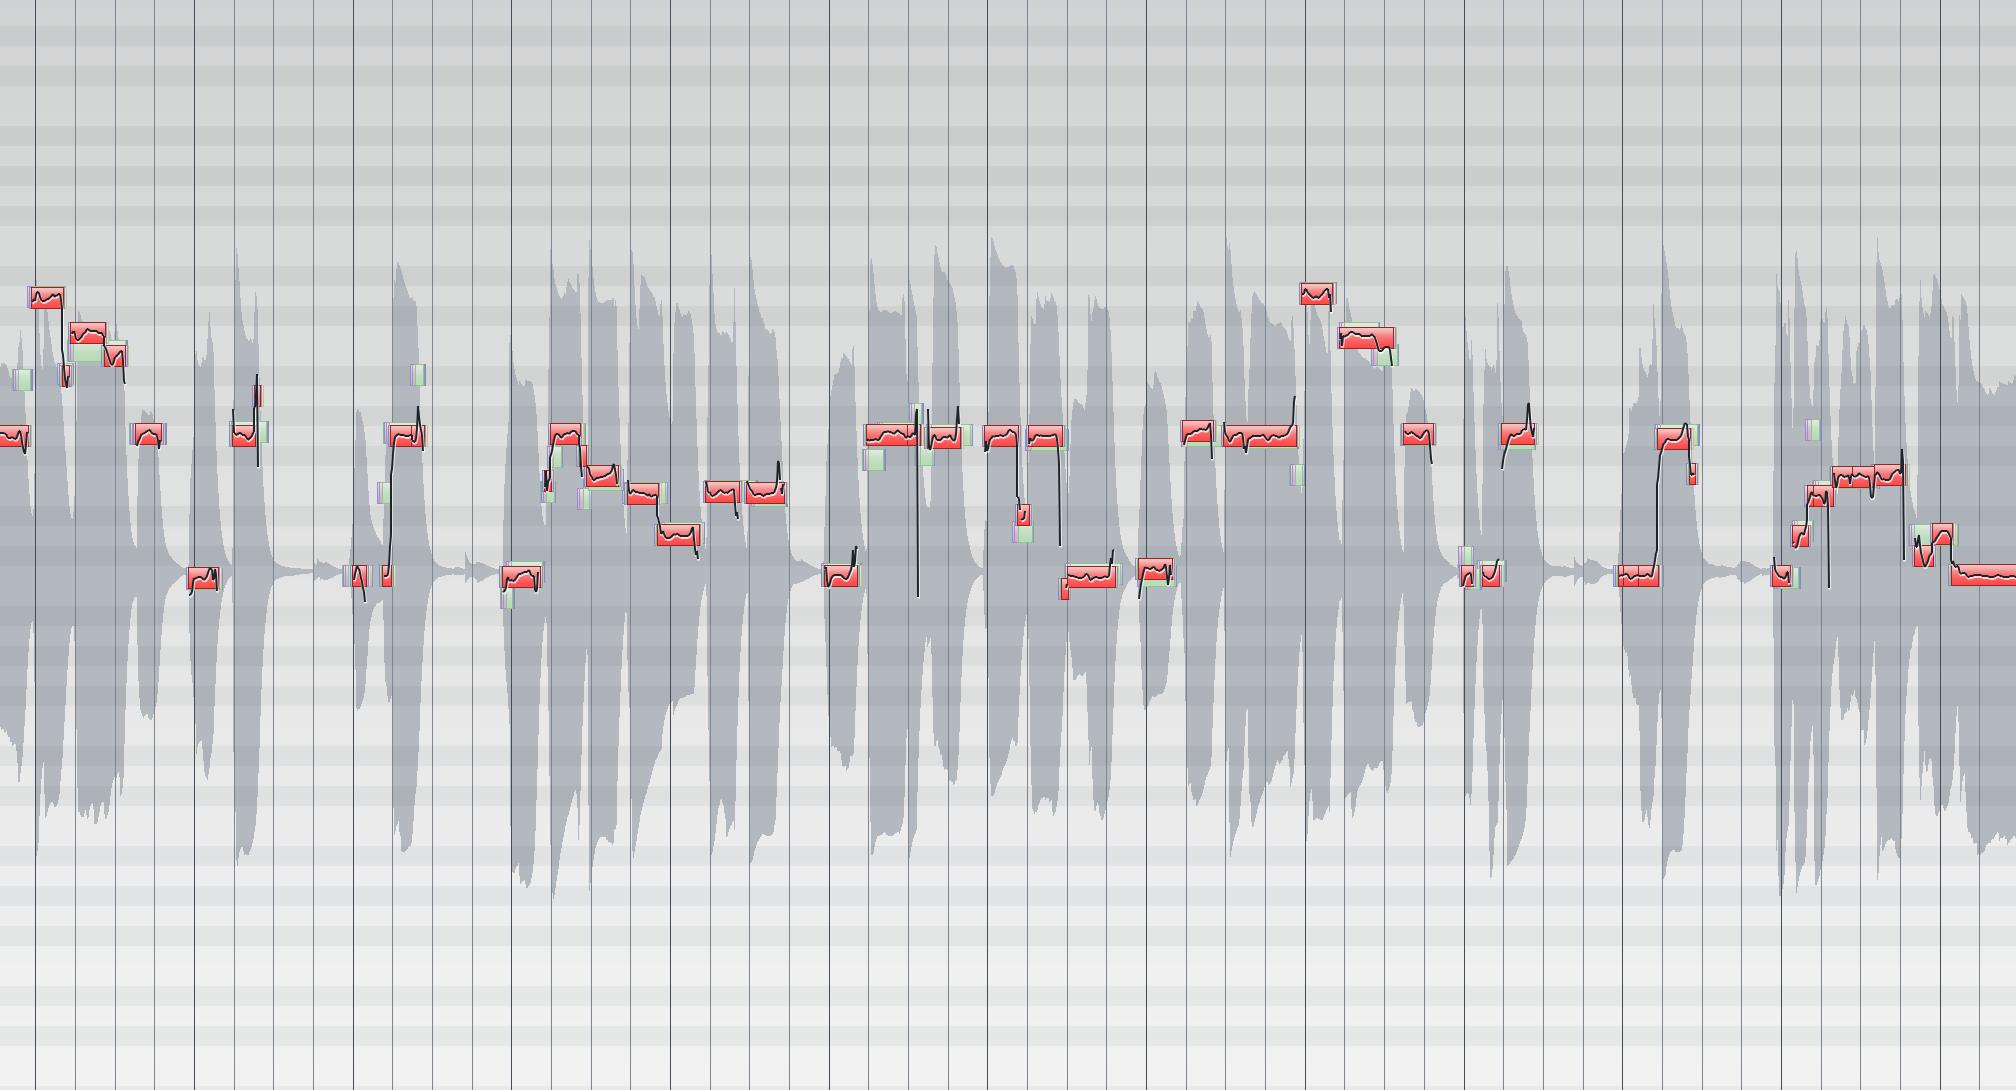 [レビュー]DTMソフト:Cubase7について